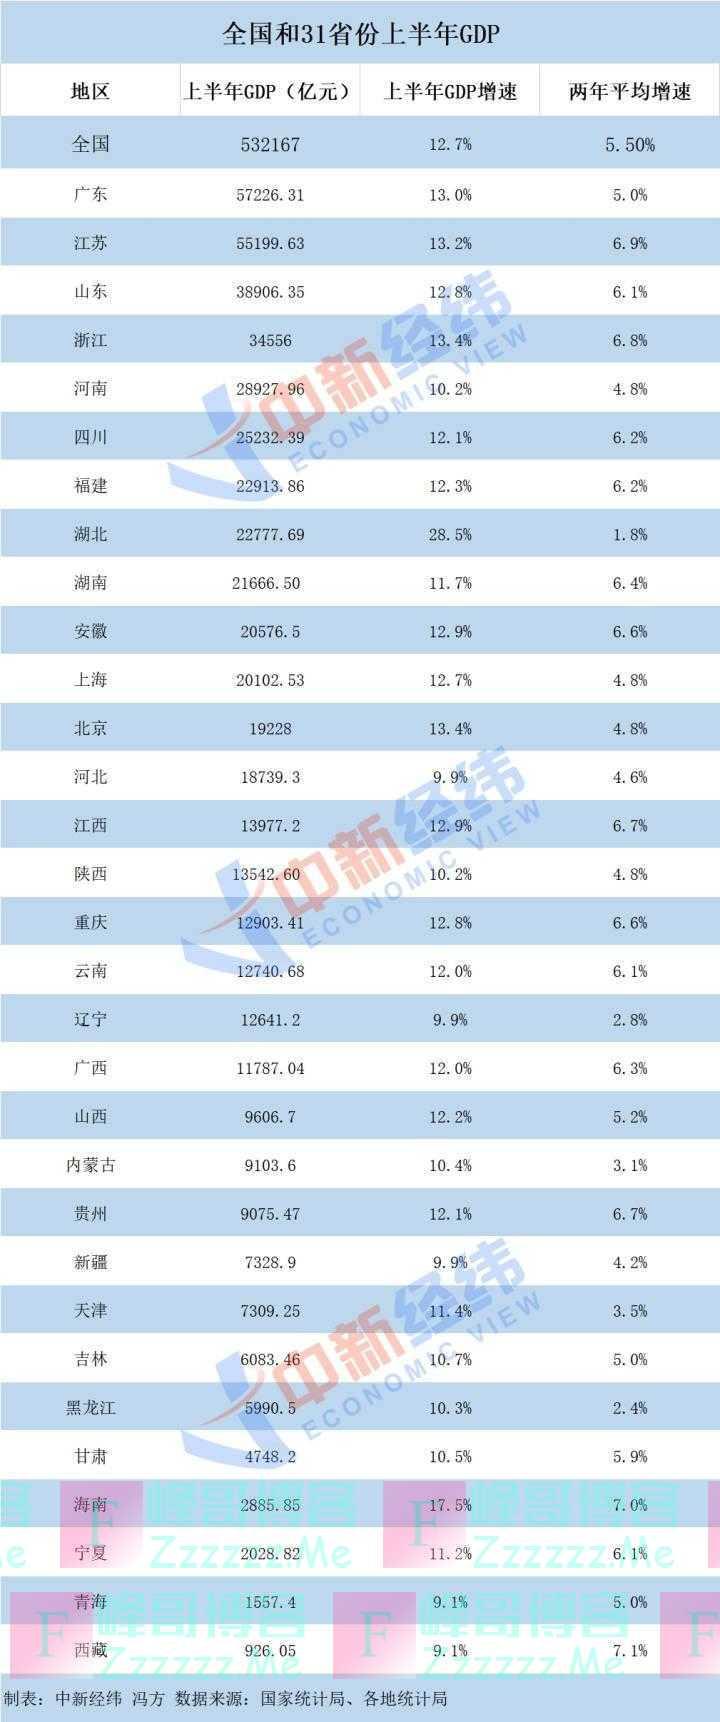 """31省市经济半年报出炉 浙江挺进""""3万亿俱乐部"""""""